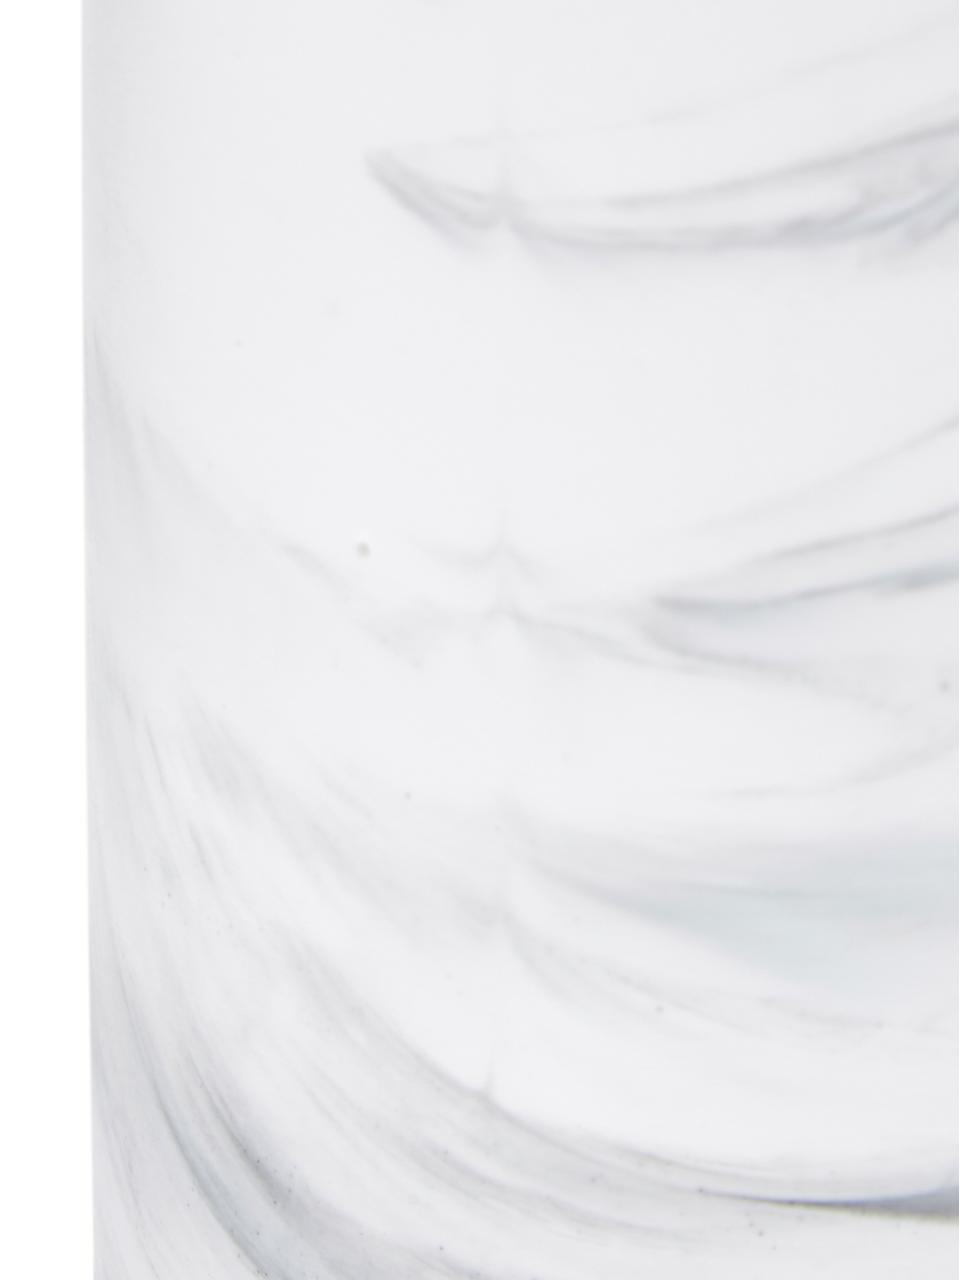 Dozownik do mydła Swan, Pojemnik: biały, marmurowy Pompka: odcienie srebrnego, Ø 7 x W 17 cm